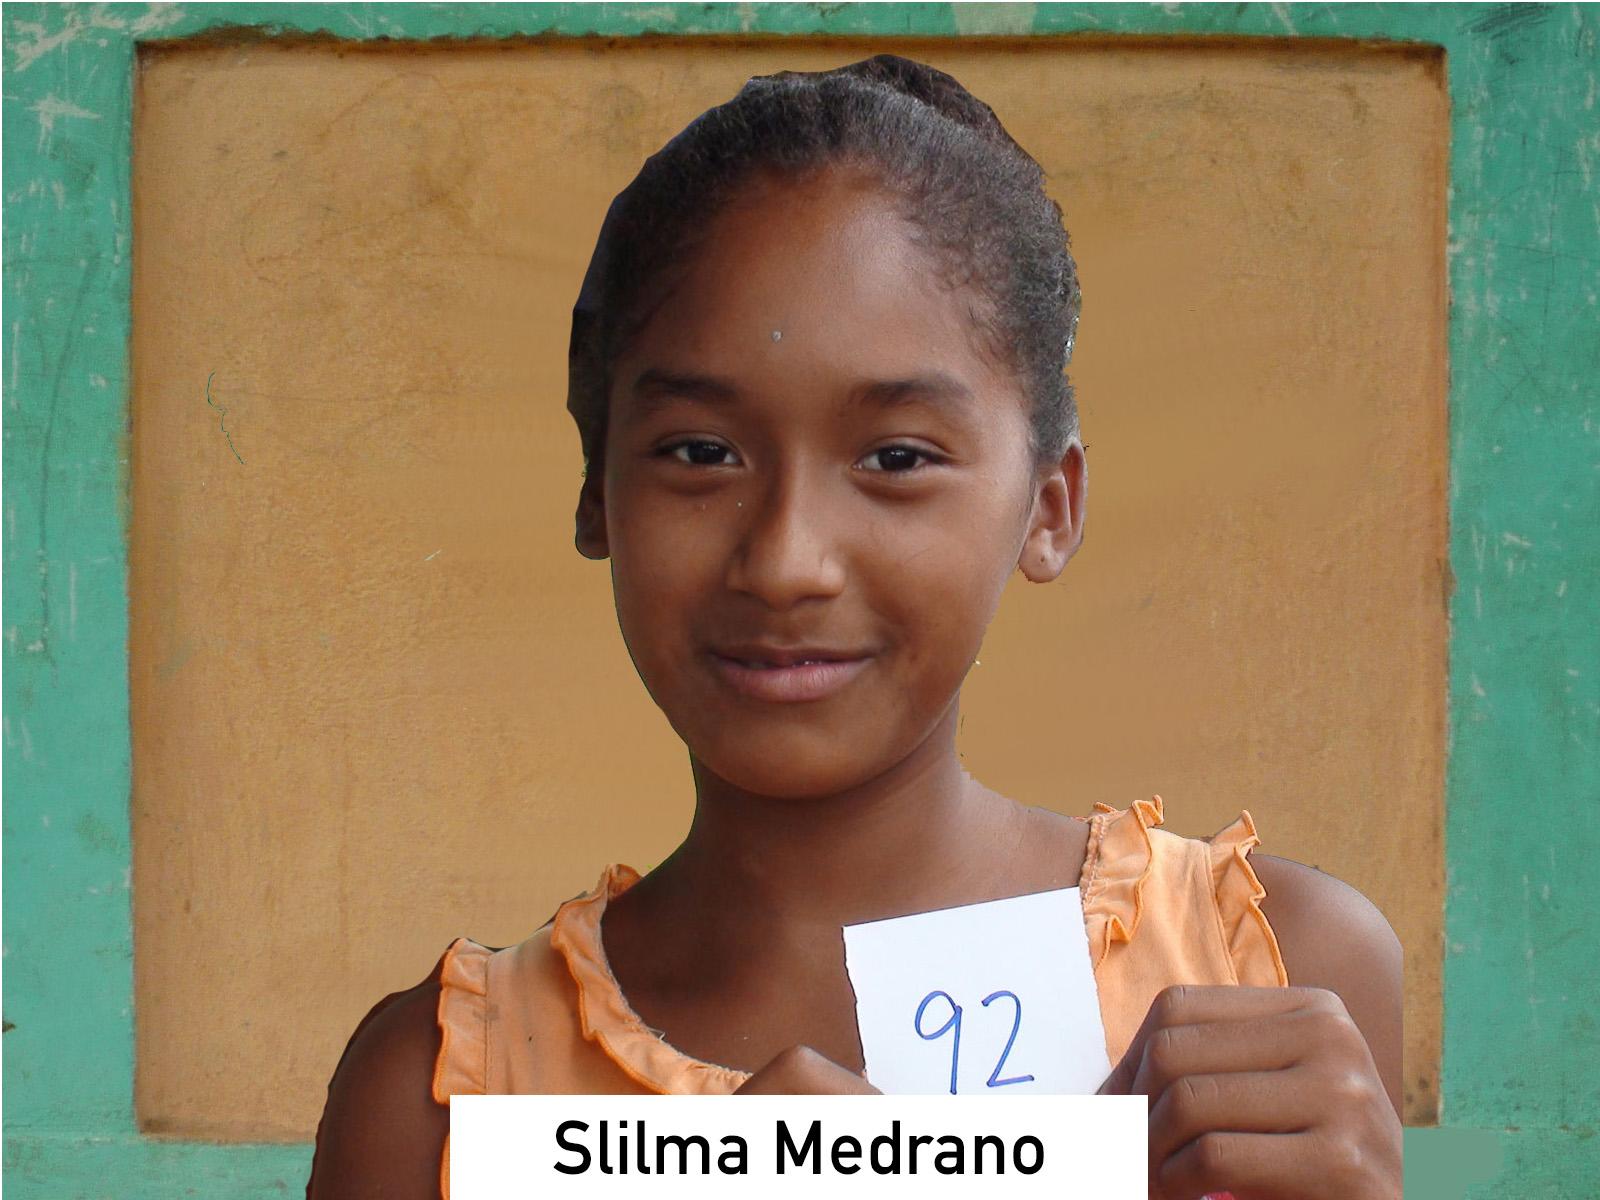 092 - Slilma Medrano.jpg